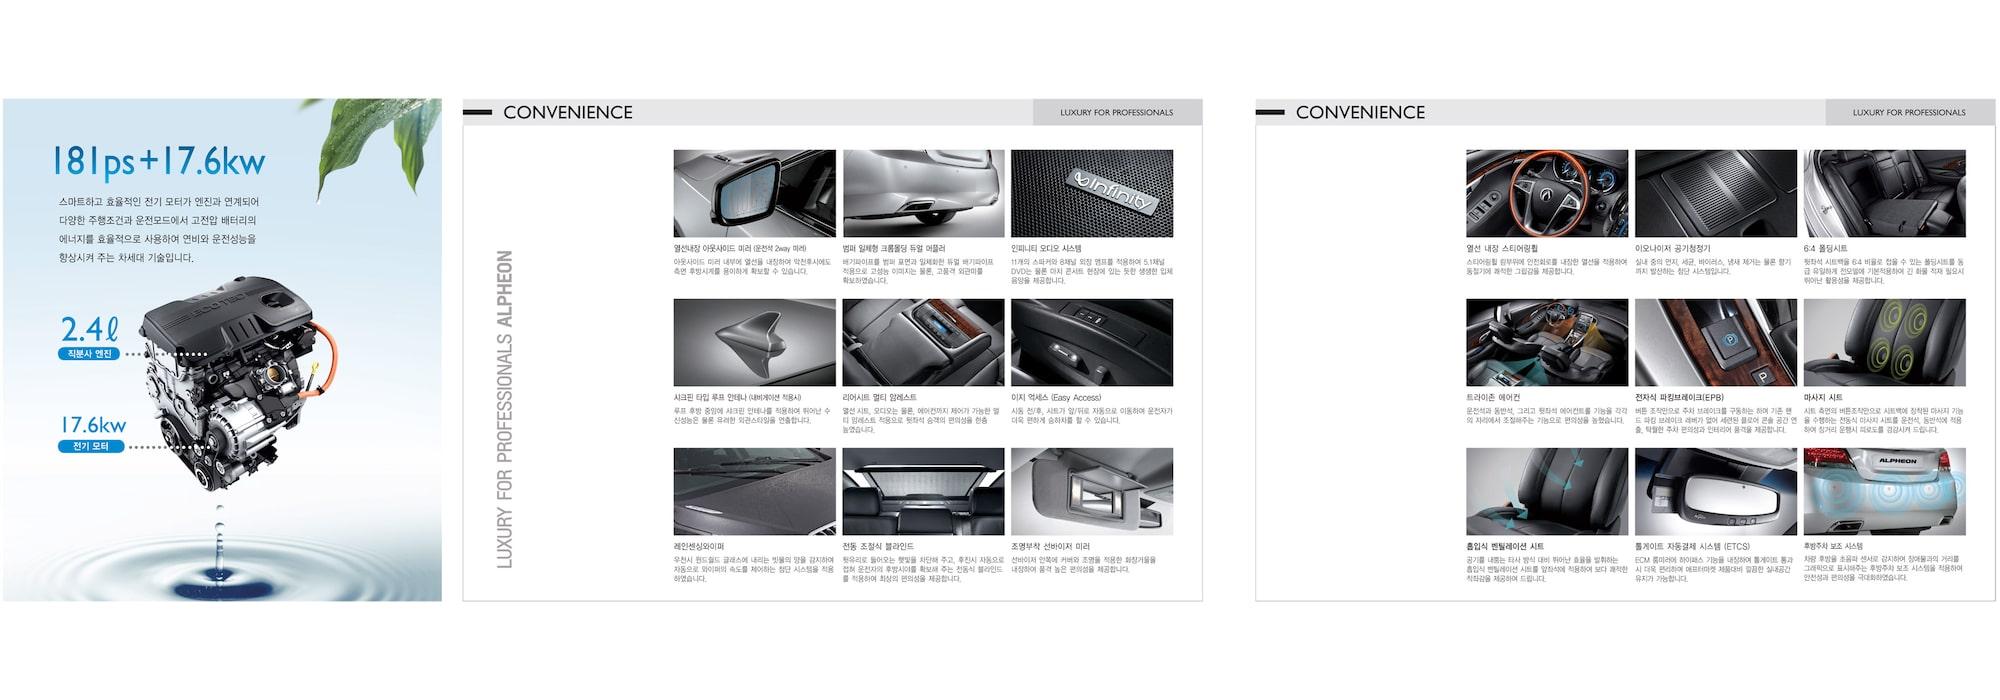 ... 카탈로그(e-Catalog) | 쉐보레(Chevrolet) 공식 웹사이트 Chevrolet